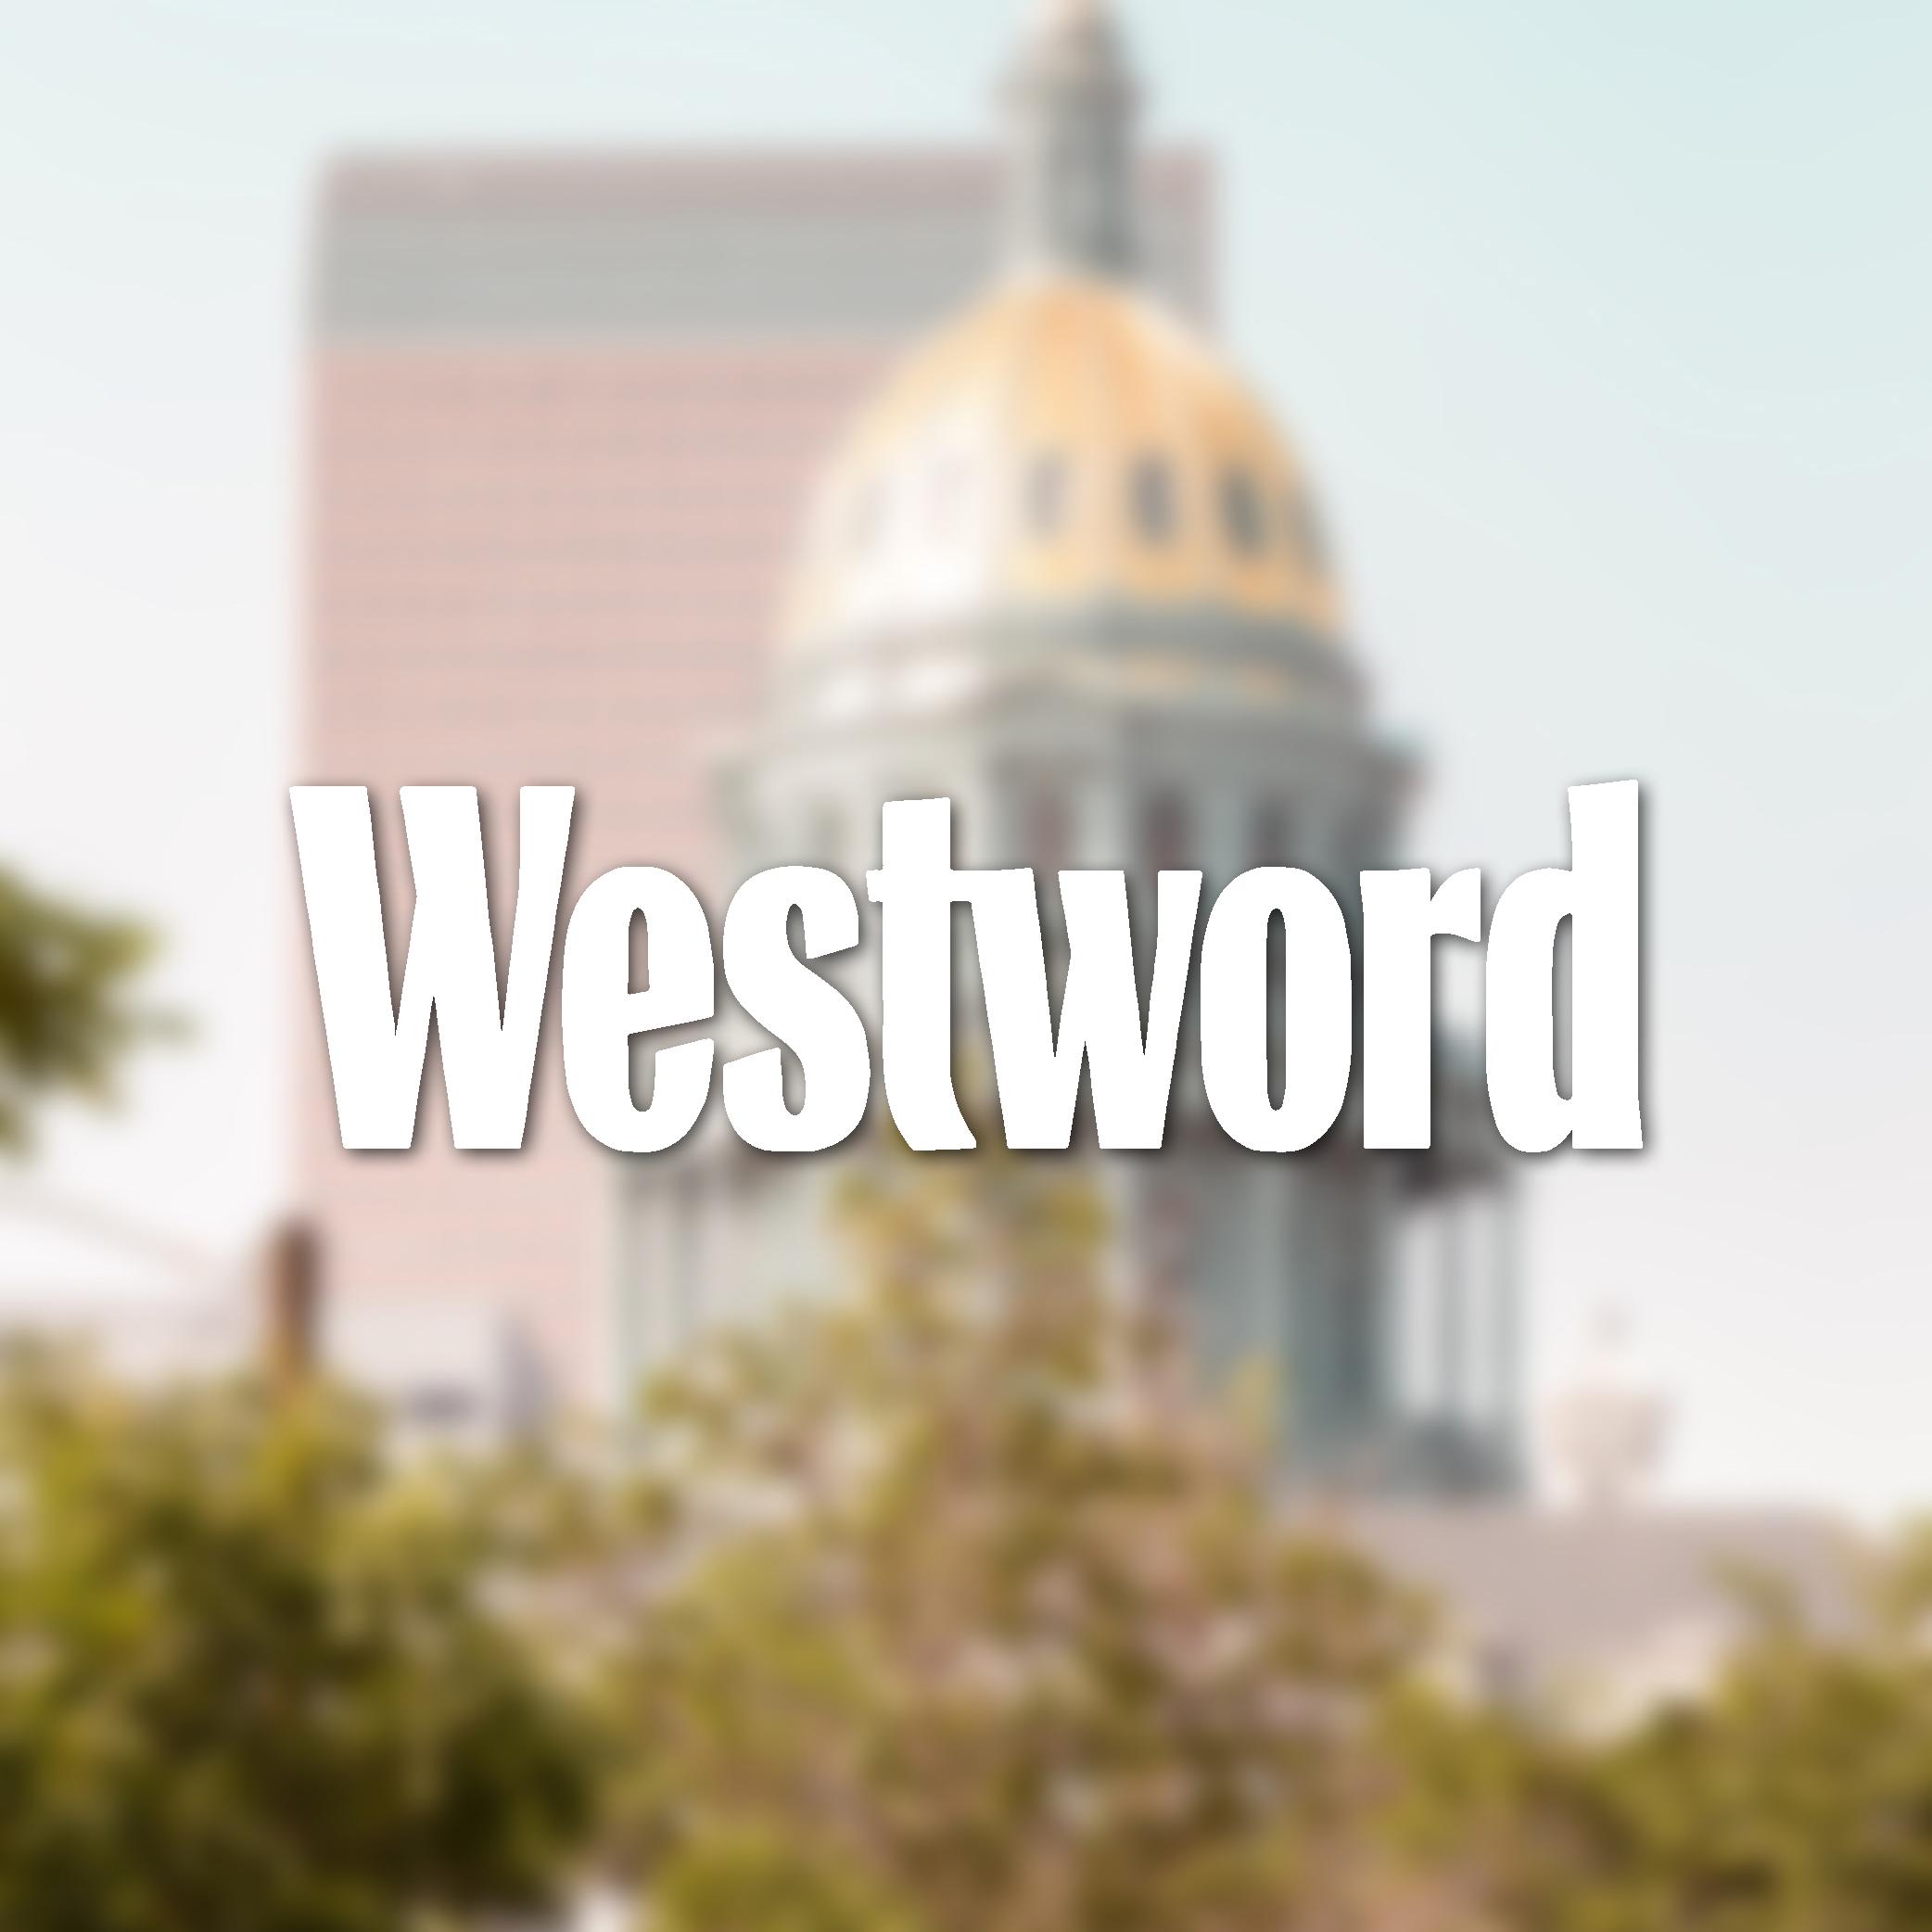 Westword